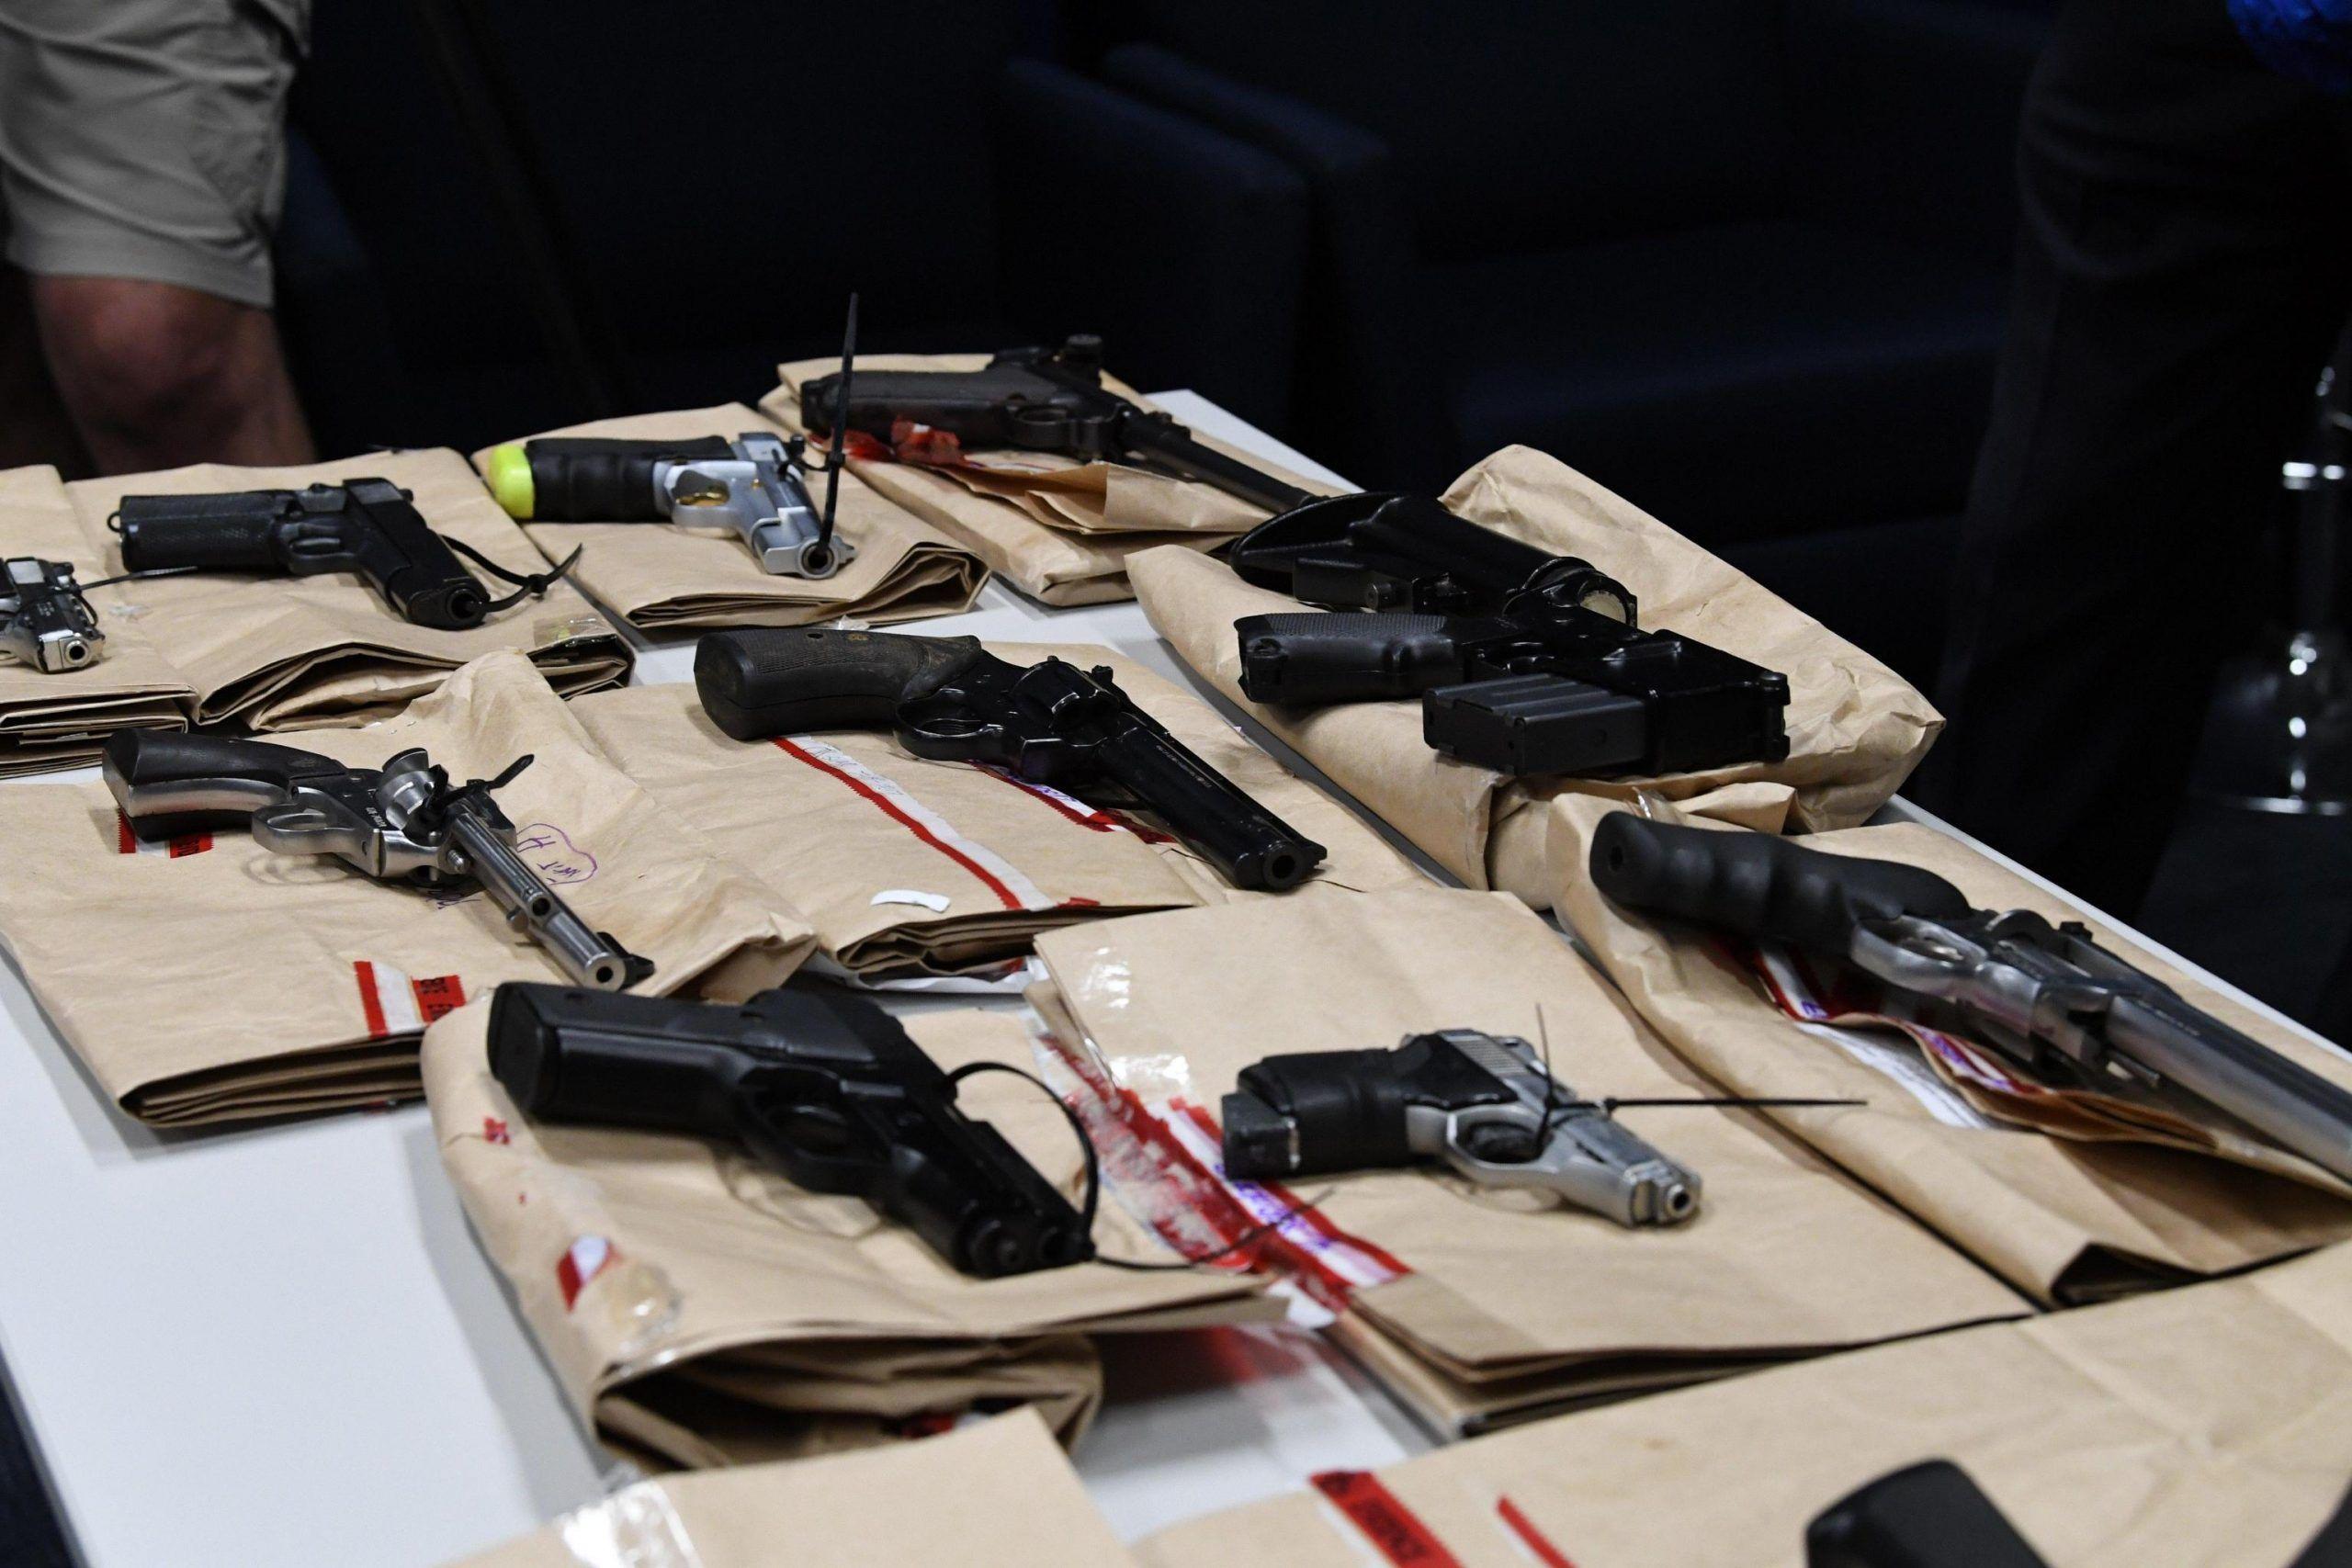 Stati Uniti e armi: le statistiche dei morti sono un bollettino di guerra con una sparatoria al giorno